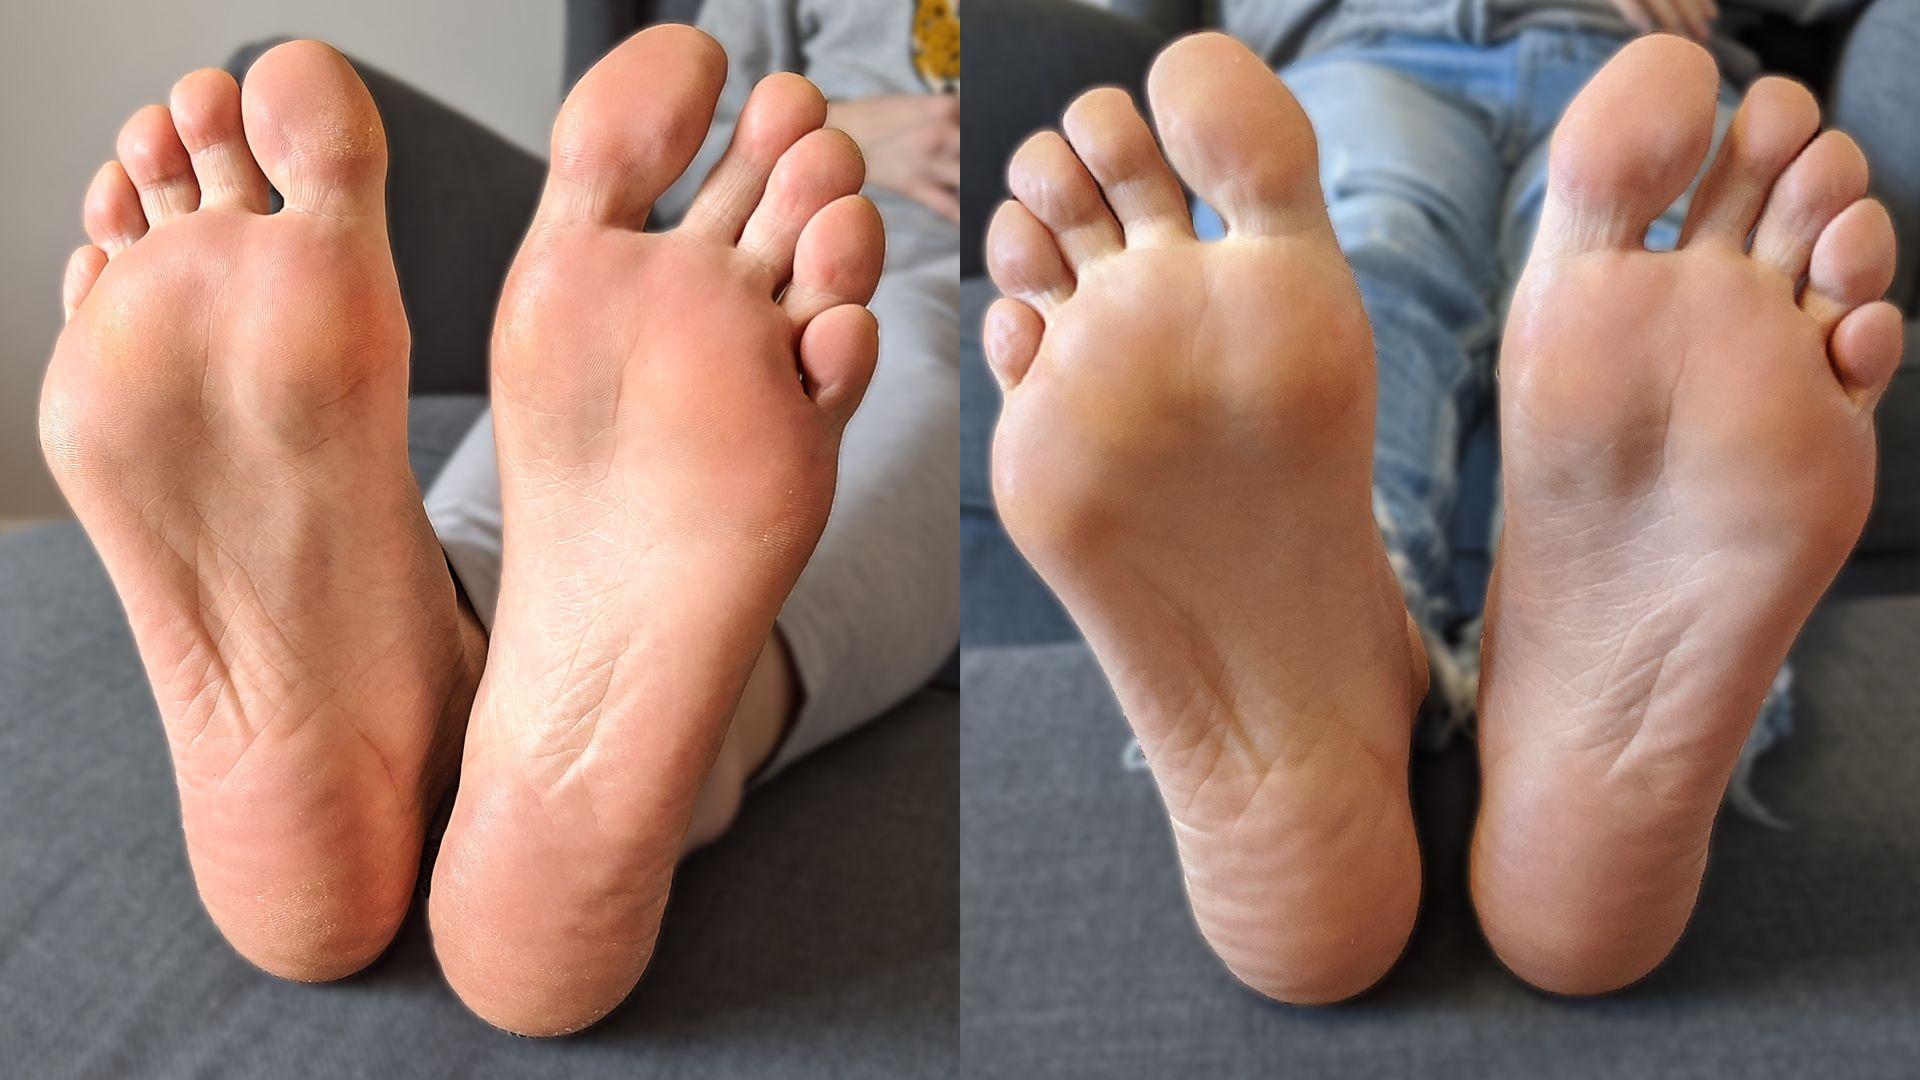 Talphámlasztás előtt és után: ennyit változott talpaim állapota a hámlasztó zokni használatától.